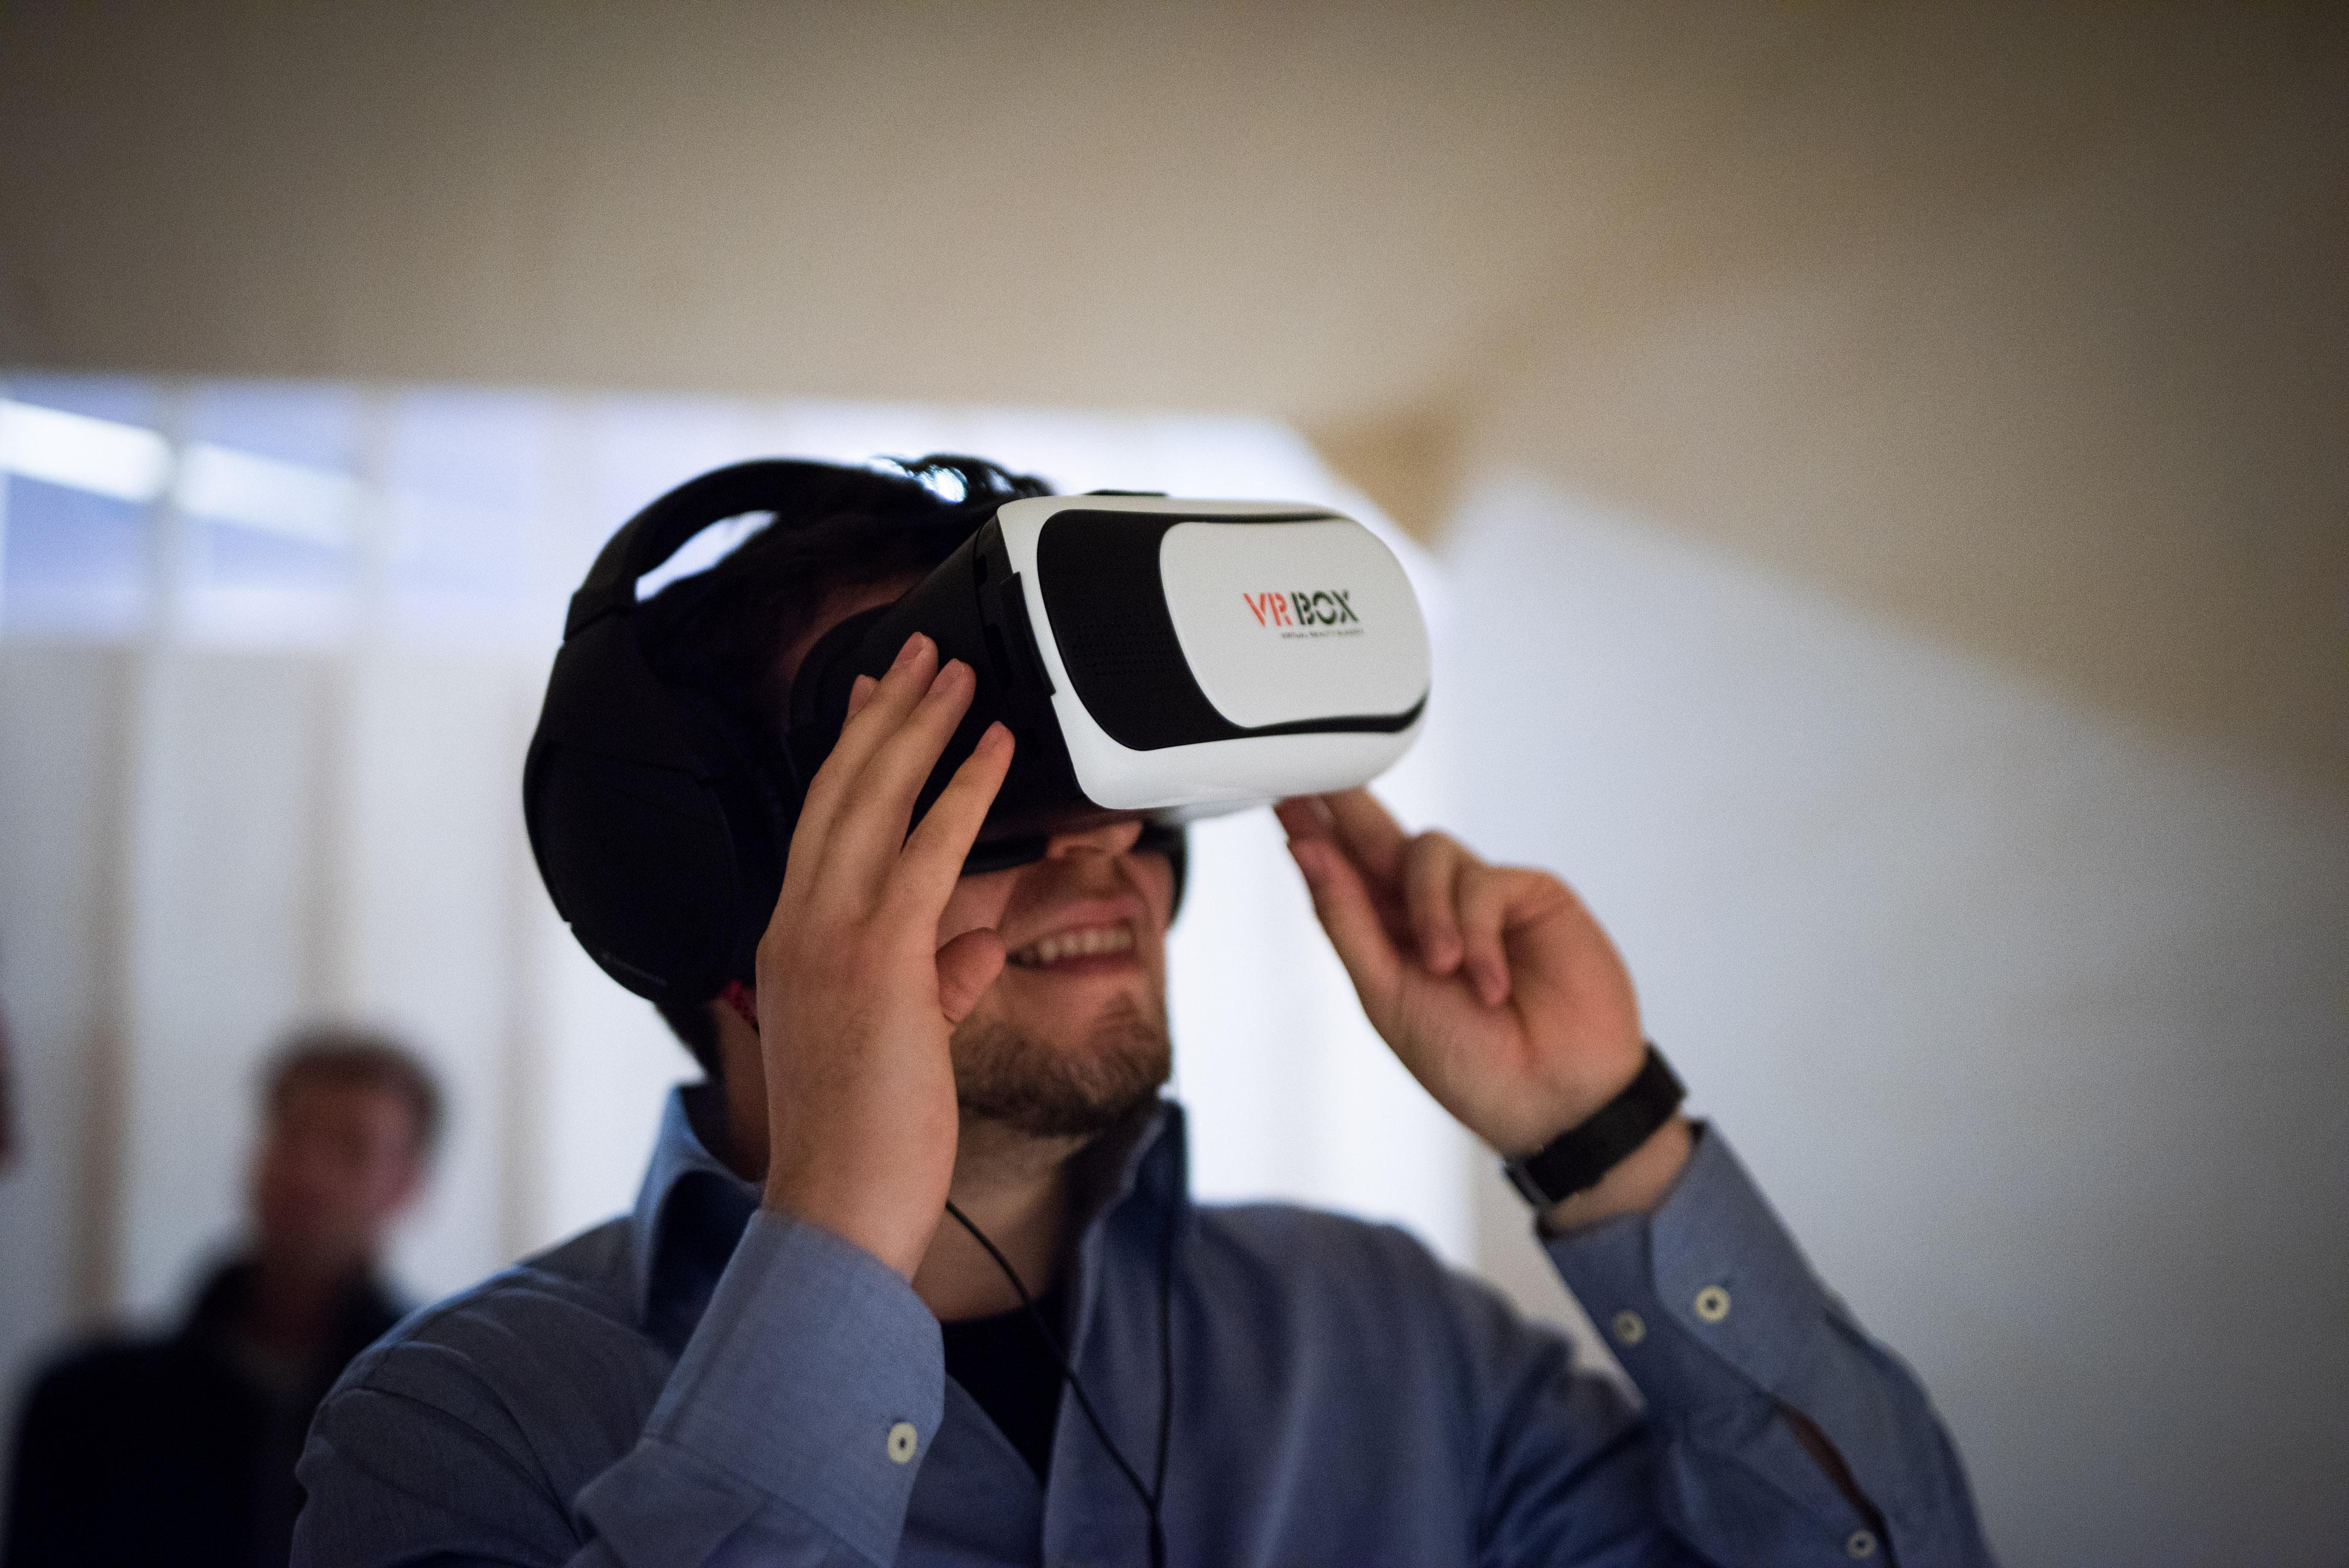 Vilius Vaitiekūnas testinh his VR project